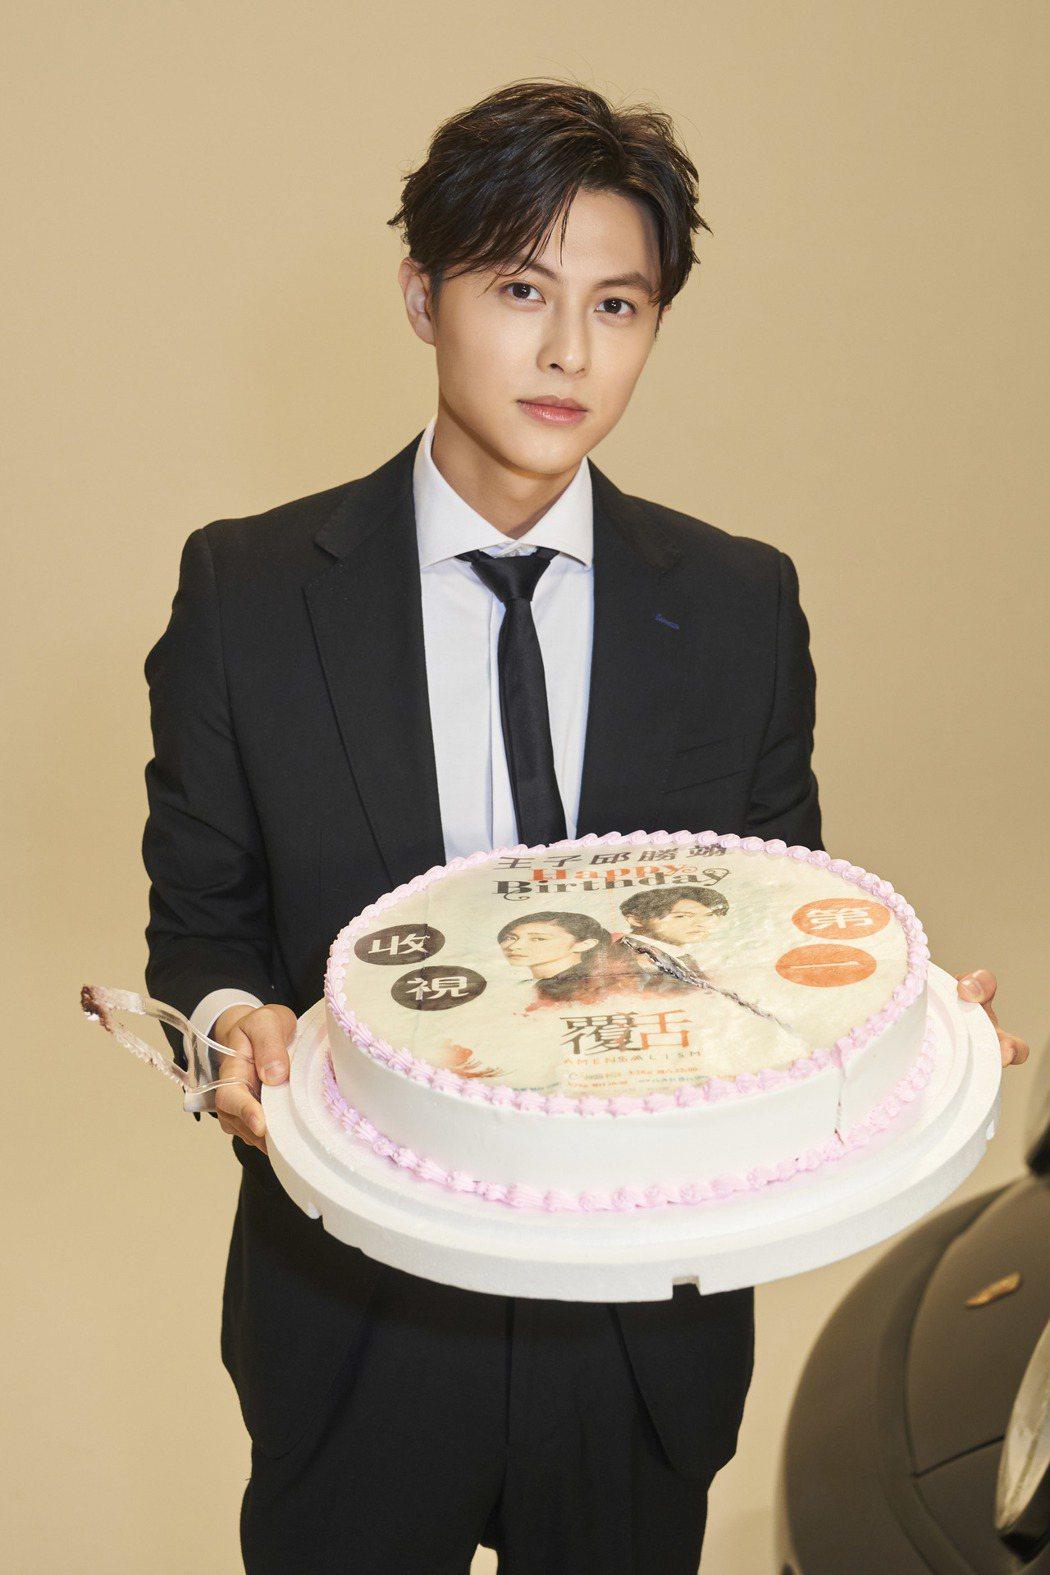 邱勝翊提前慶祝31歲生日。圖/華研國際提供